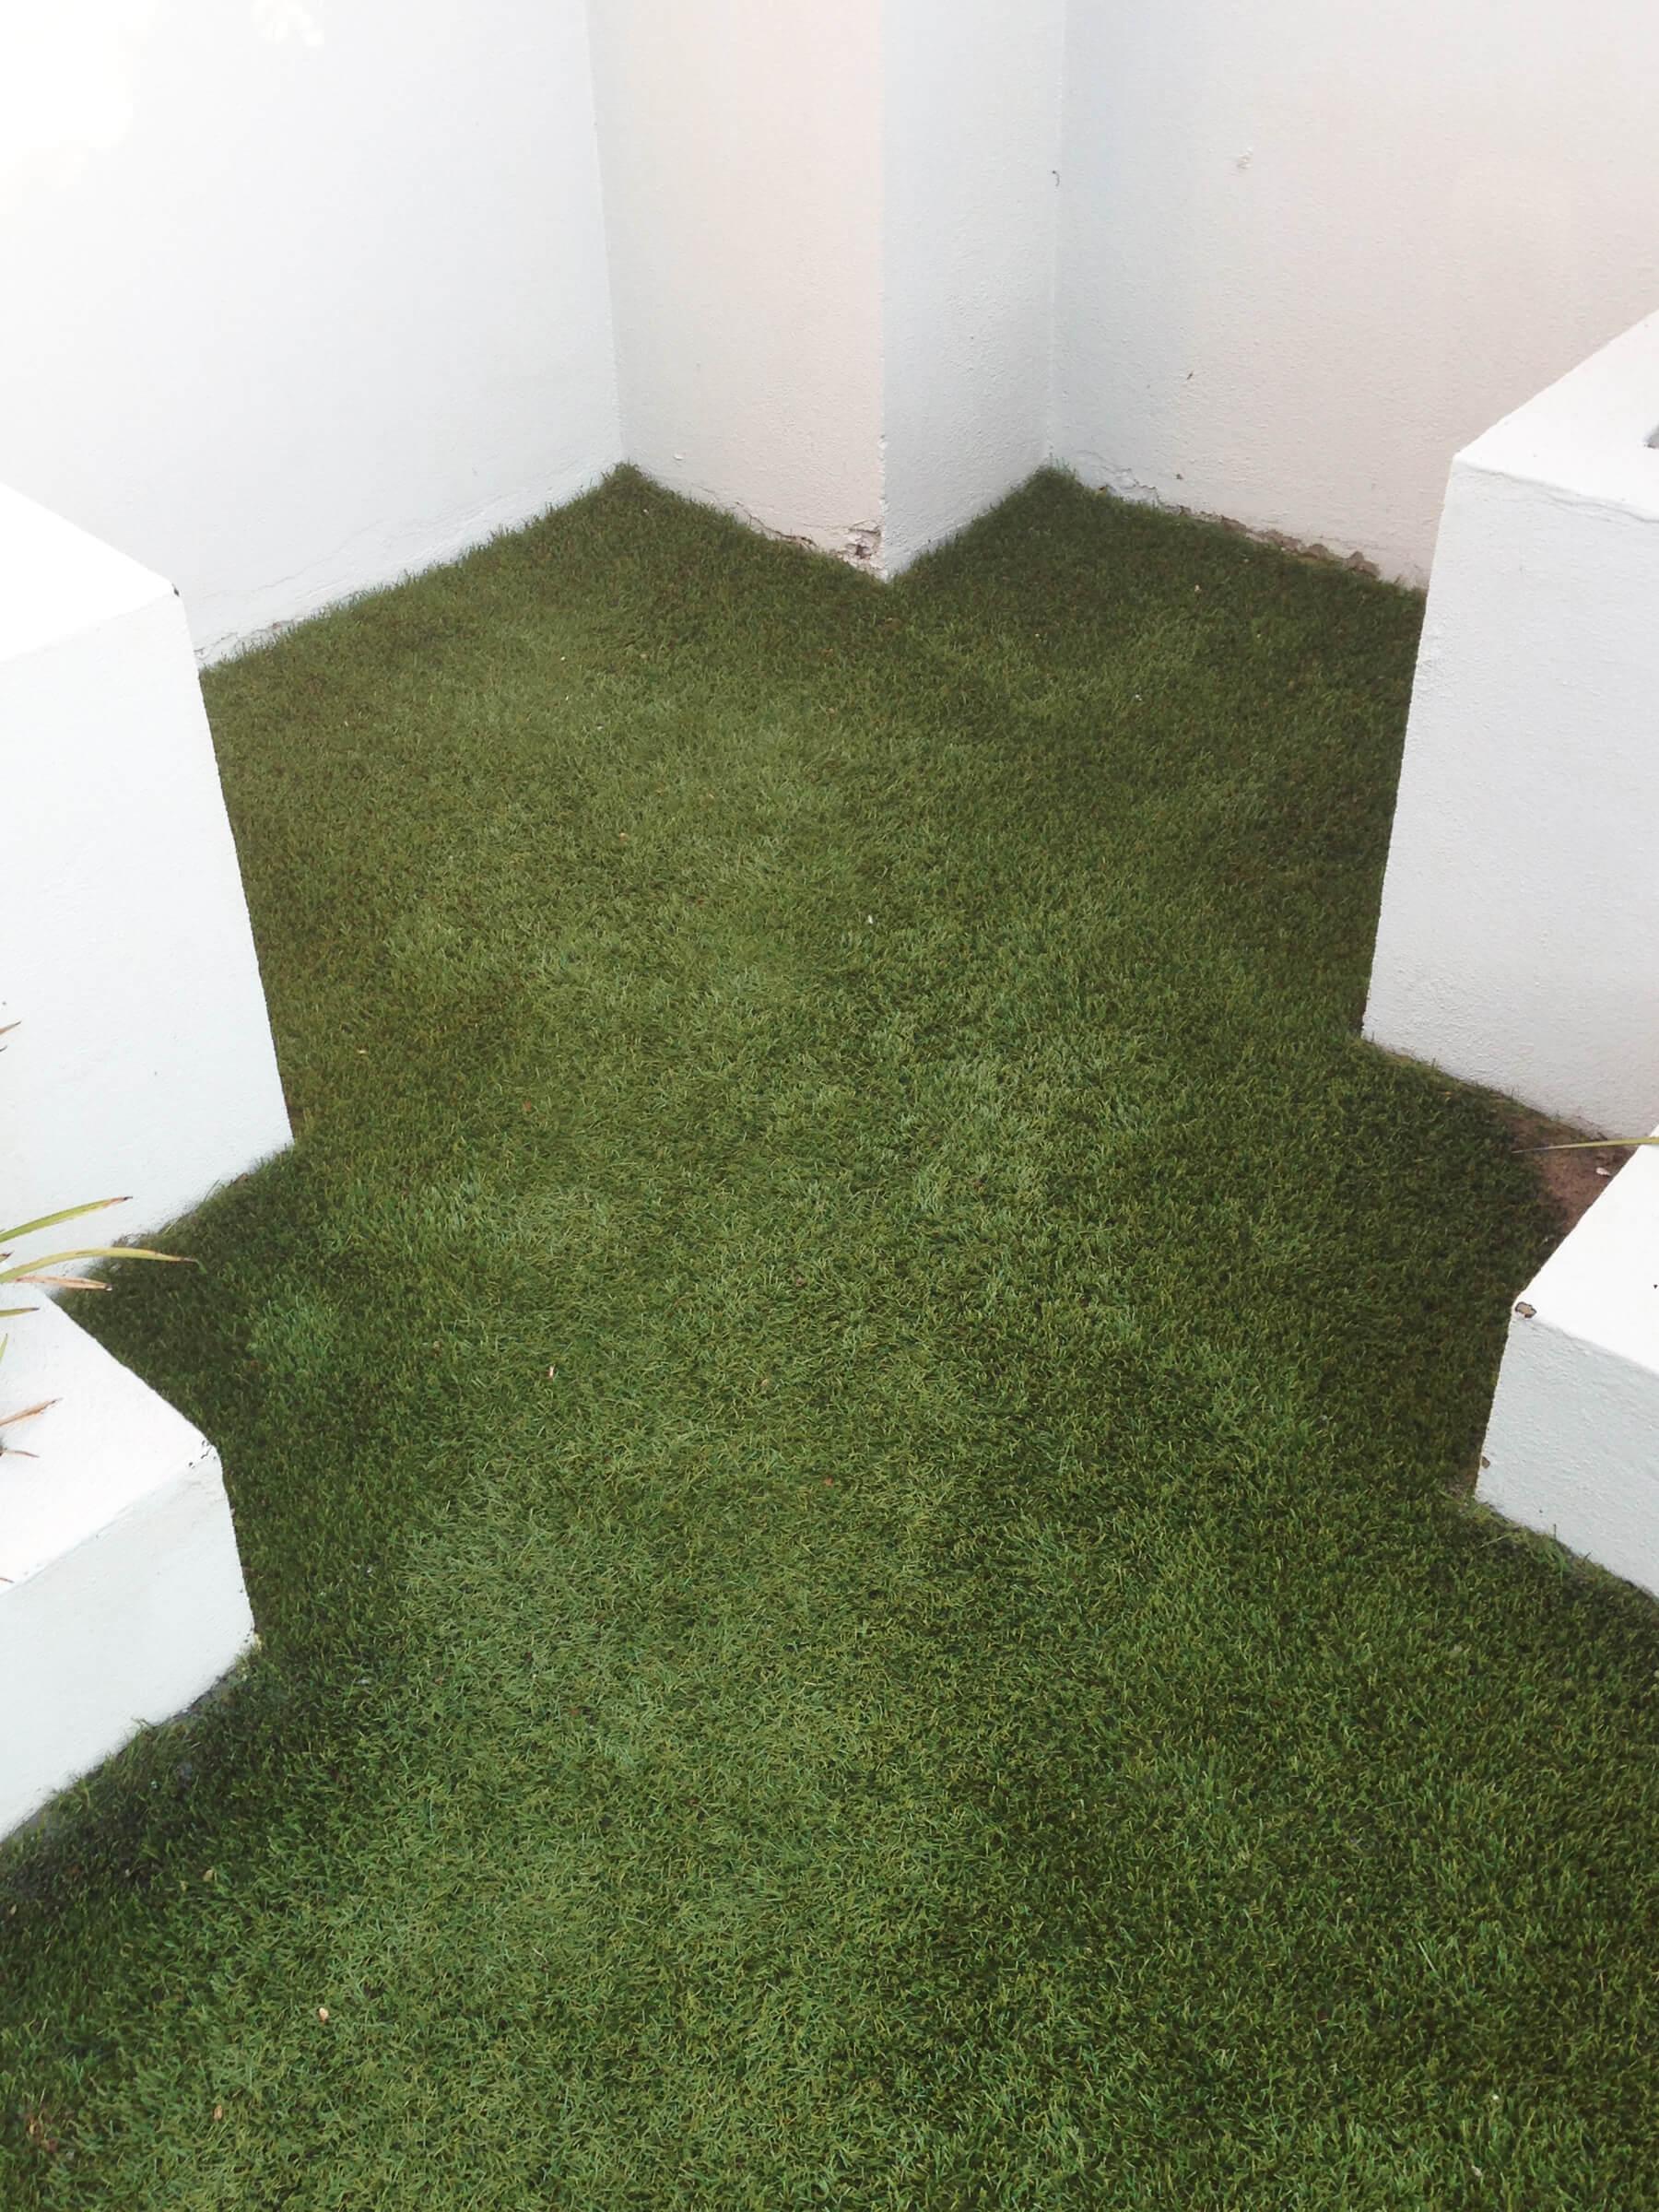 Ezi Synthetic Turf 1